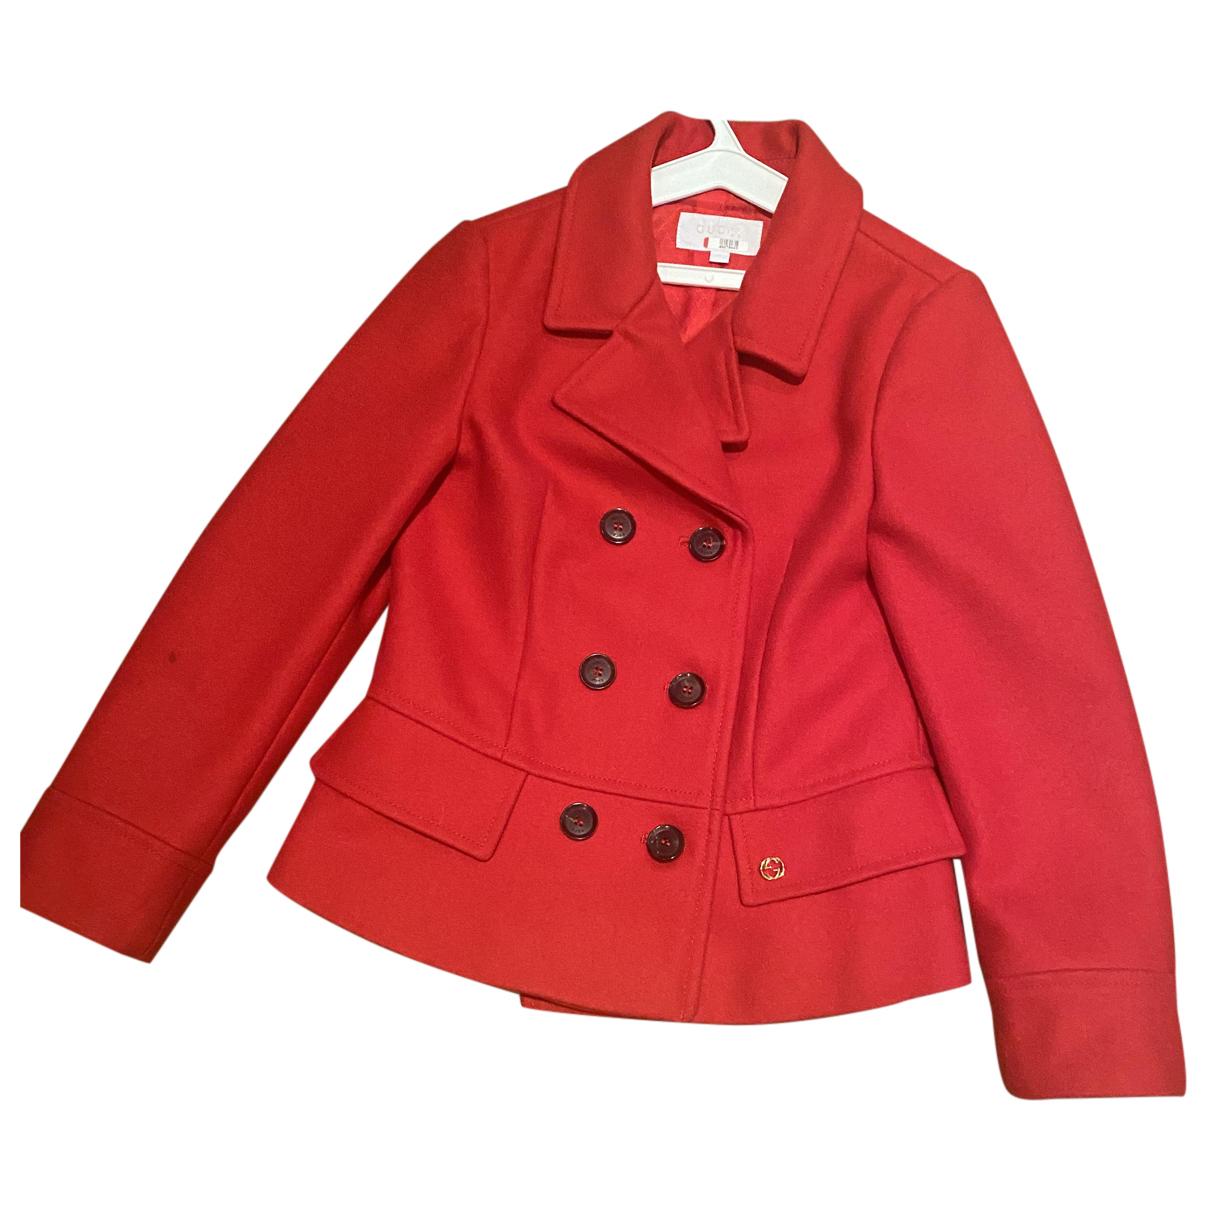 Gucci - Blousons.Manteaux   pour enfant en laine - rouge